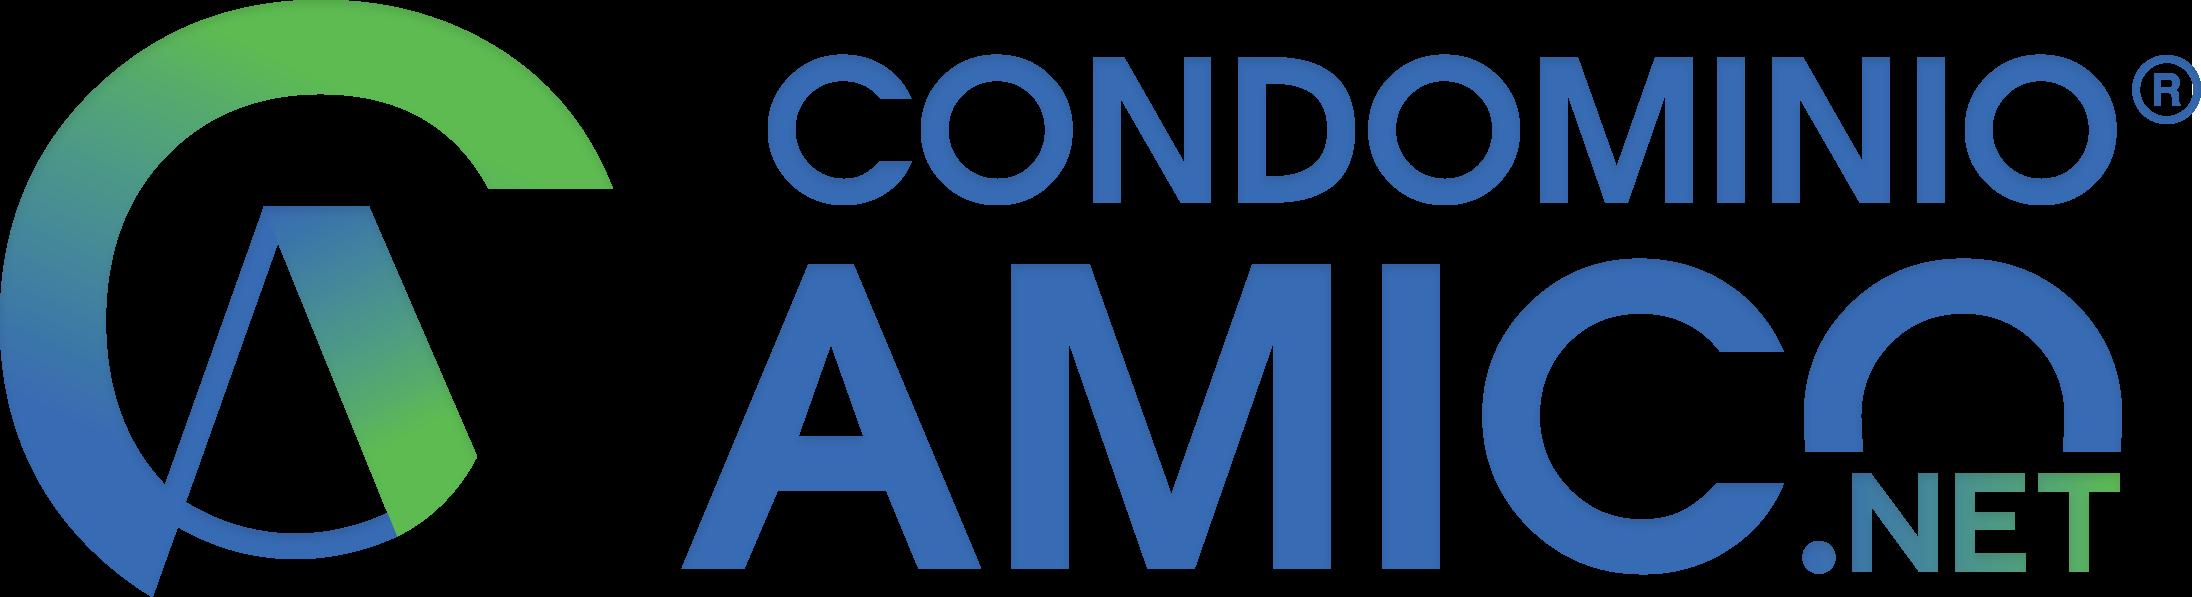 CondominioAmico.net